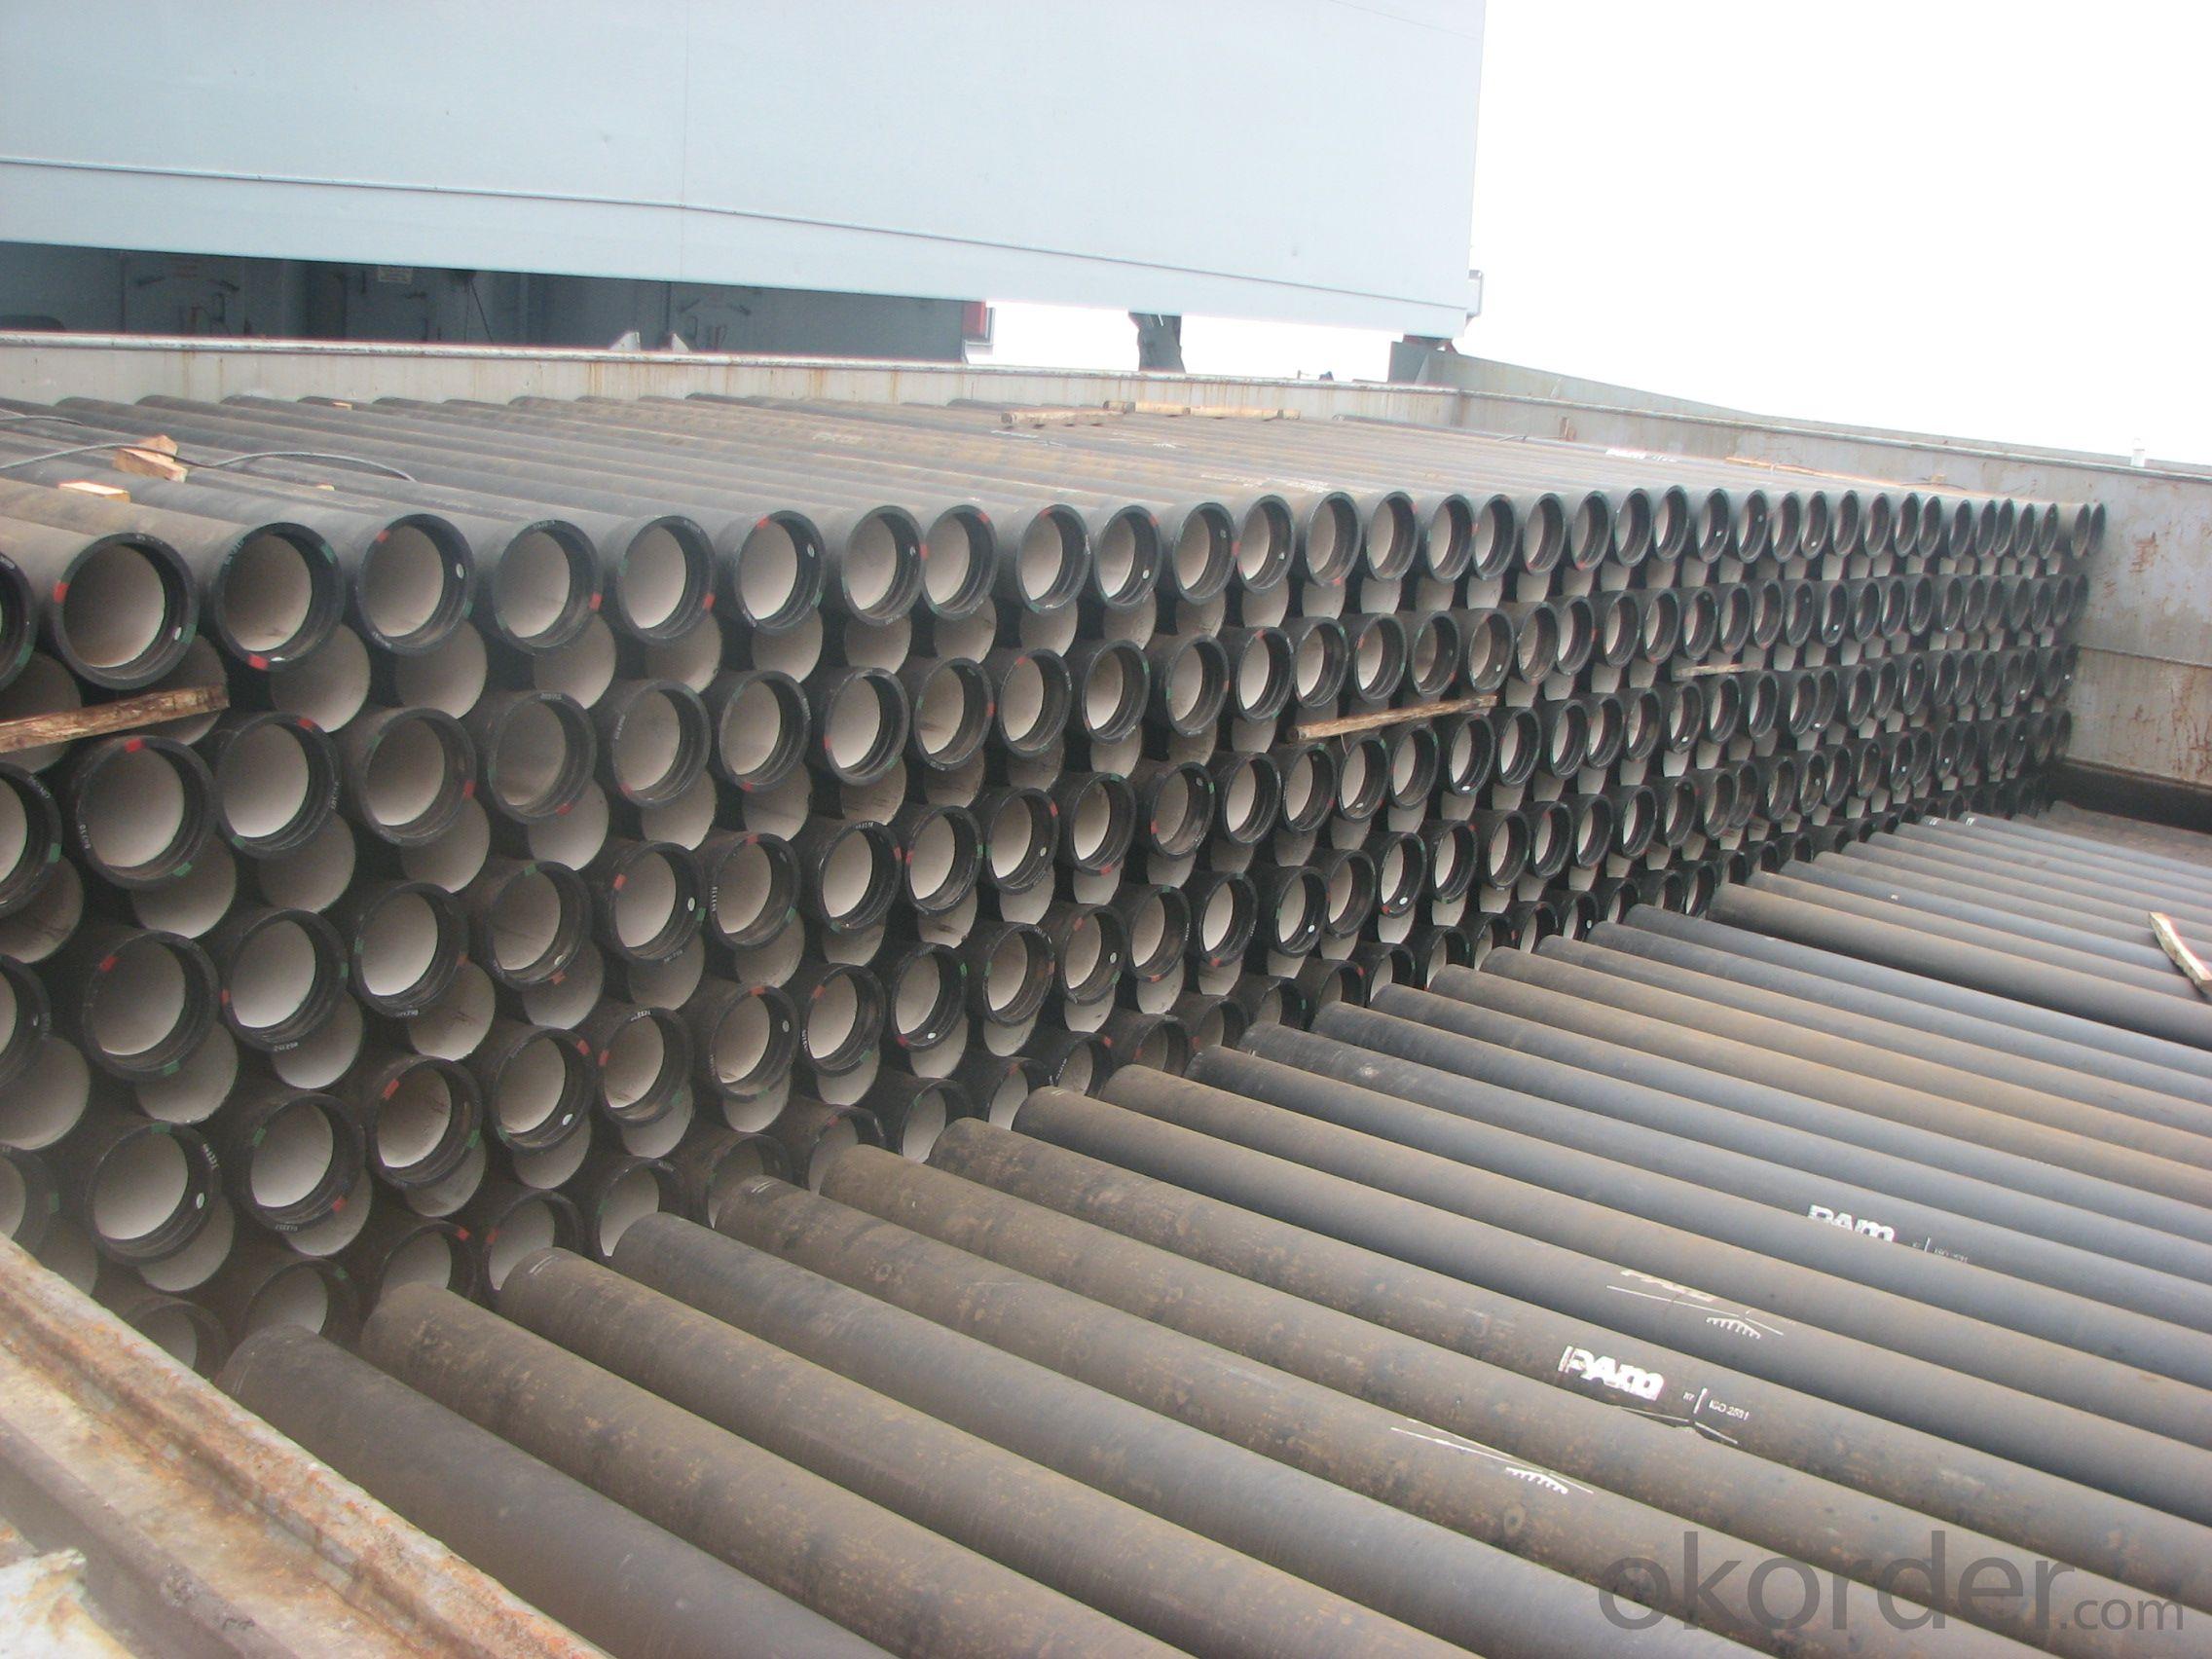 Ductile Iron Pipe ISO2531/EN545/EN598 ClassC DN200-DN900